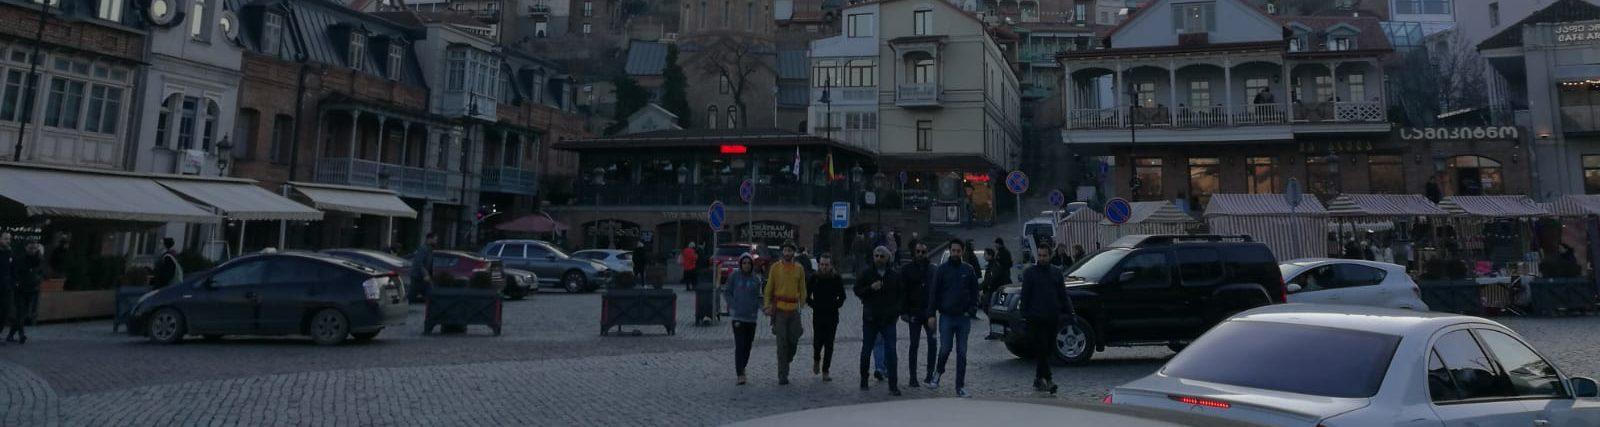 Caminando se conoce el mundo